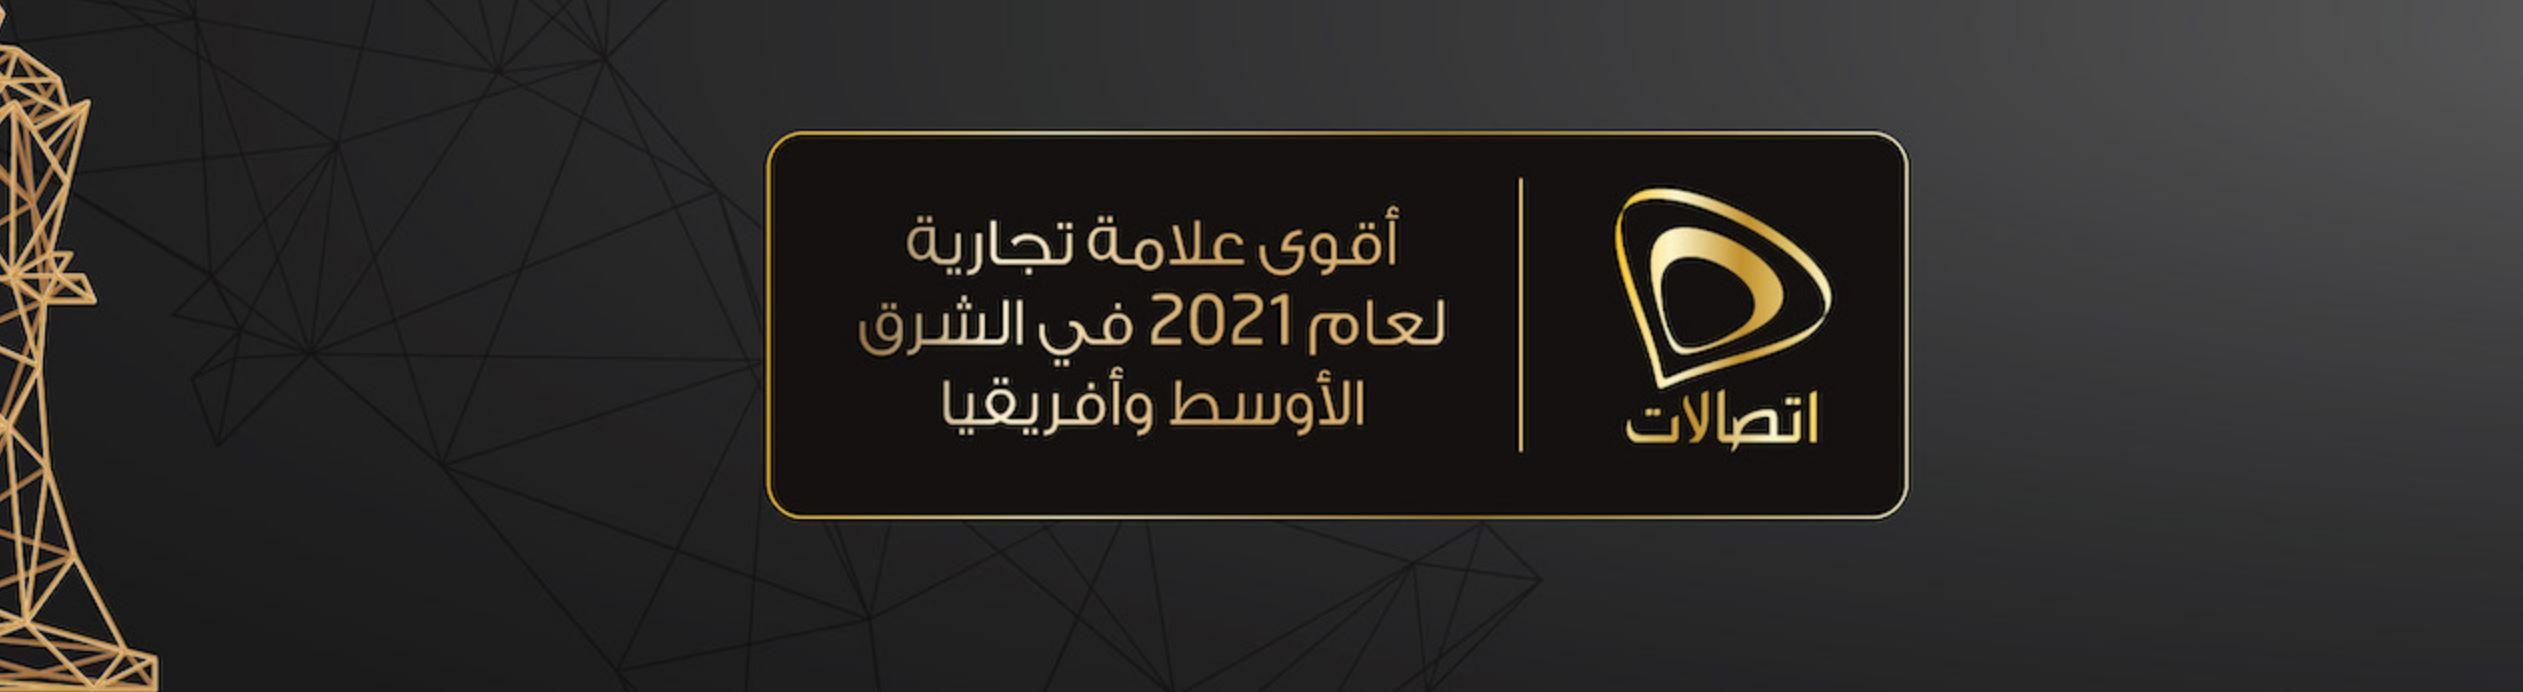 """""""اتصالات"""" من أقوى 5 علامات تجارية عالمية والأقوى في الشرق الأوسط وإفريقيا في قطاع الاتصالات"""